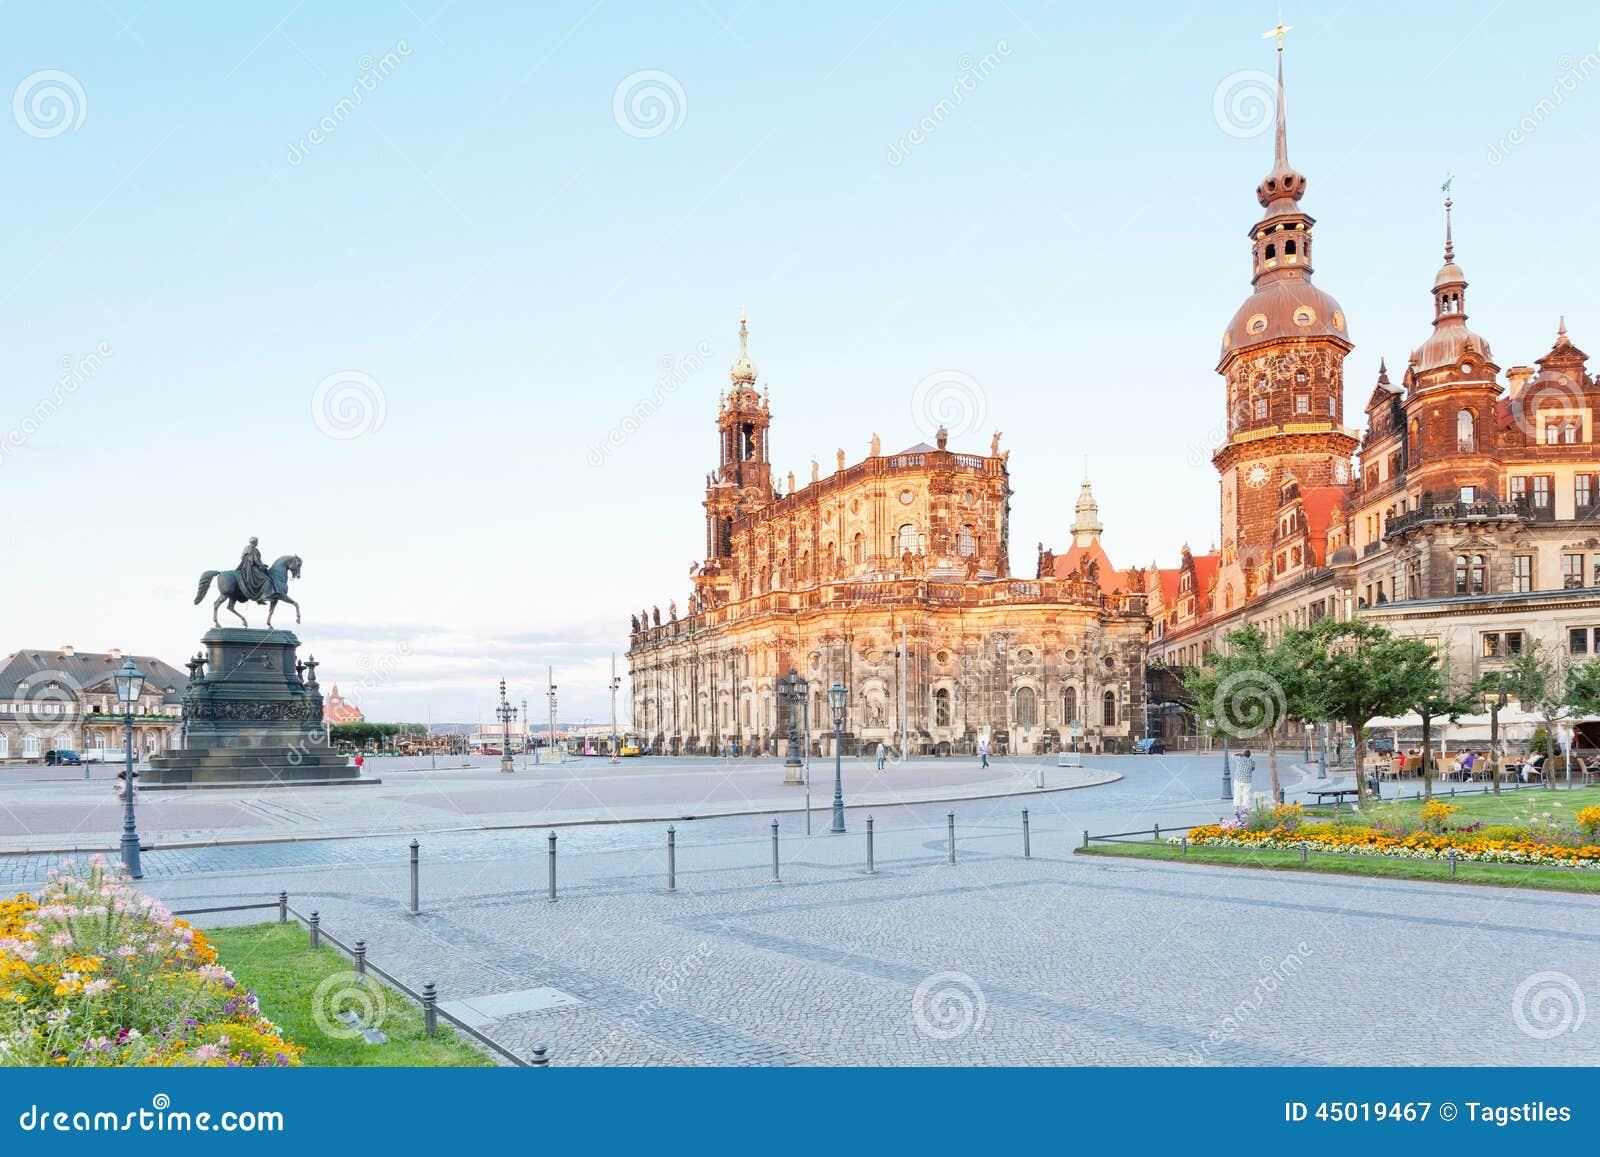 Download Dresden am Abend stockbild. Bild von mühelosigkeit, berge - 45019467